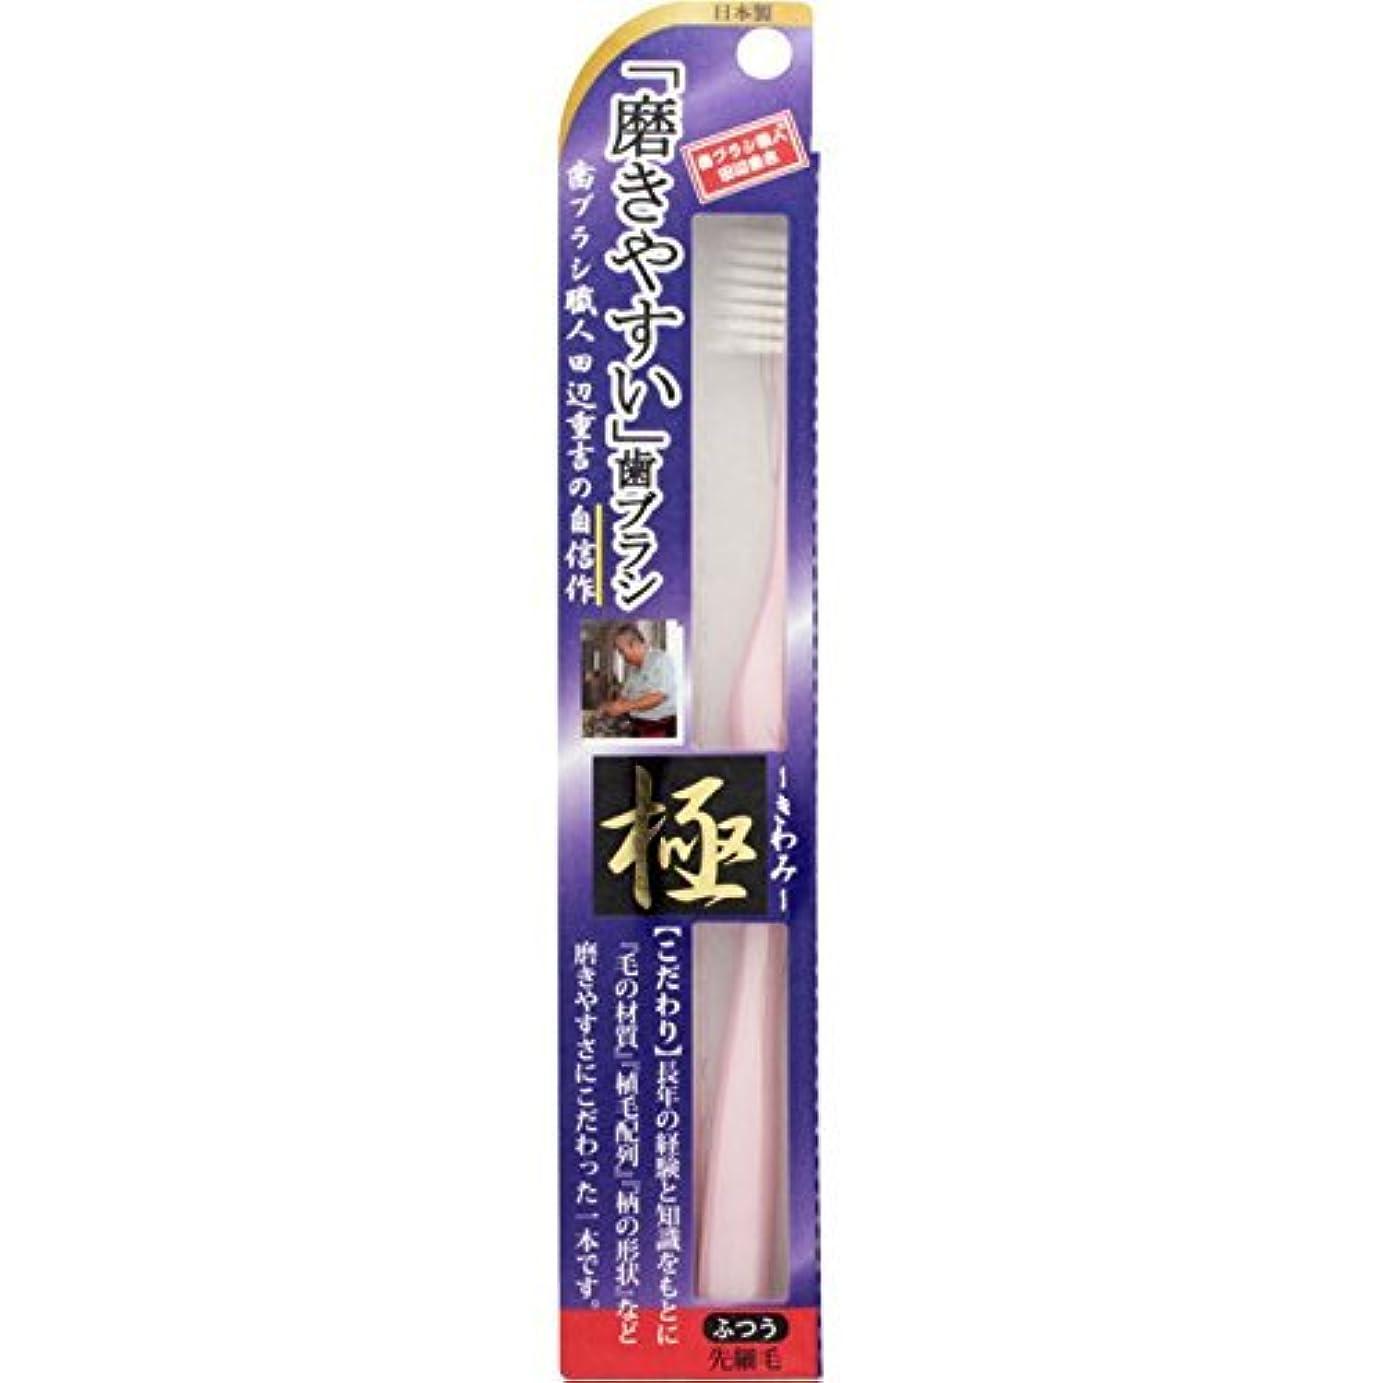 開梱ストレンジャー挑む【まとめ買い】磨きやすい歯ブラシ 極 LT22 ×3個